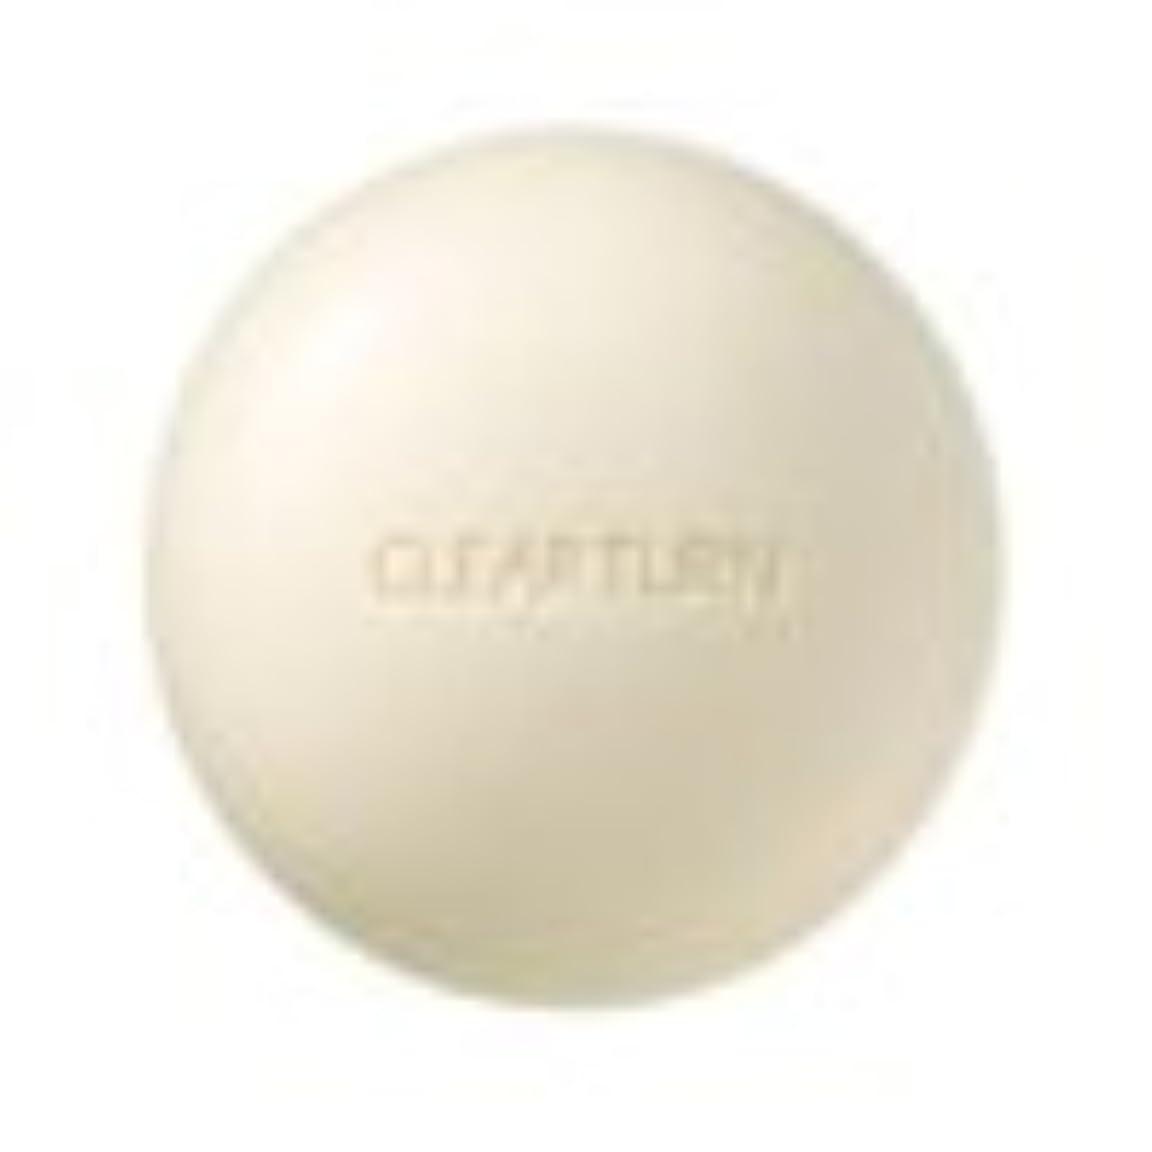 二十ためらう番目クリエ クリアターン EX クリアスムースソープ 100g 洗顔石鹸 無香料